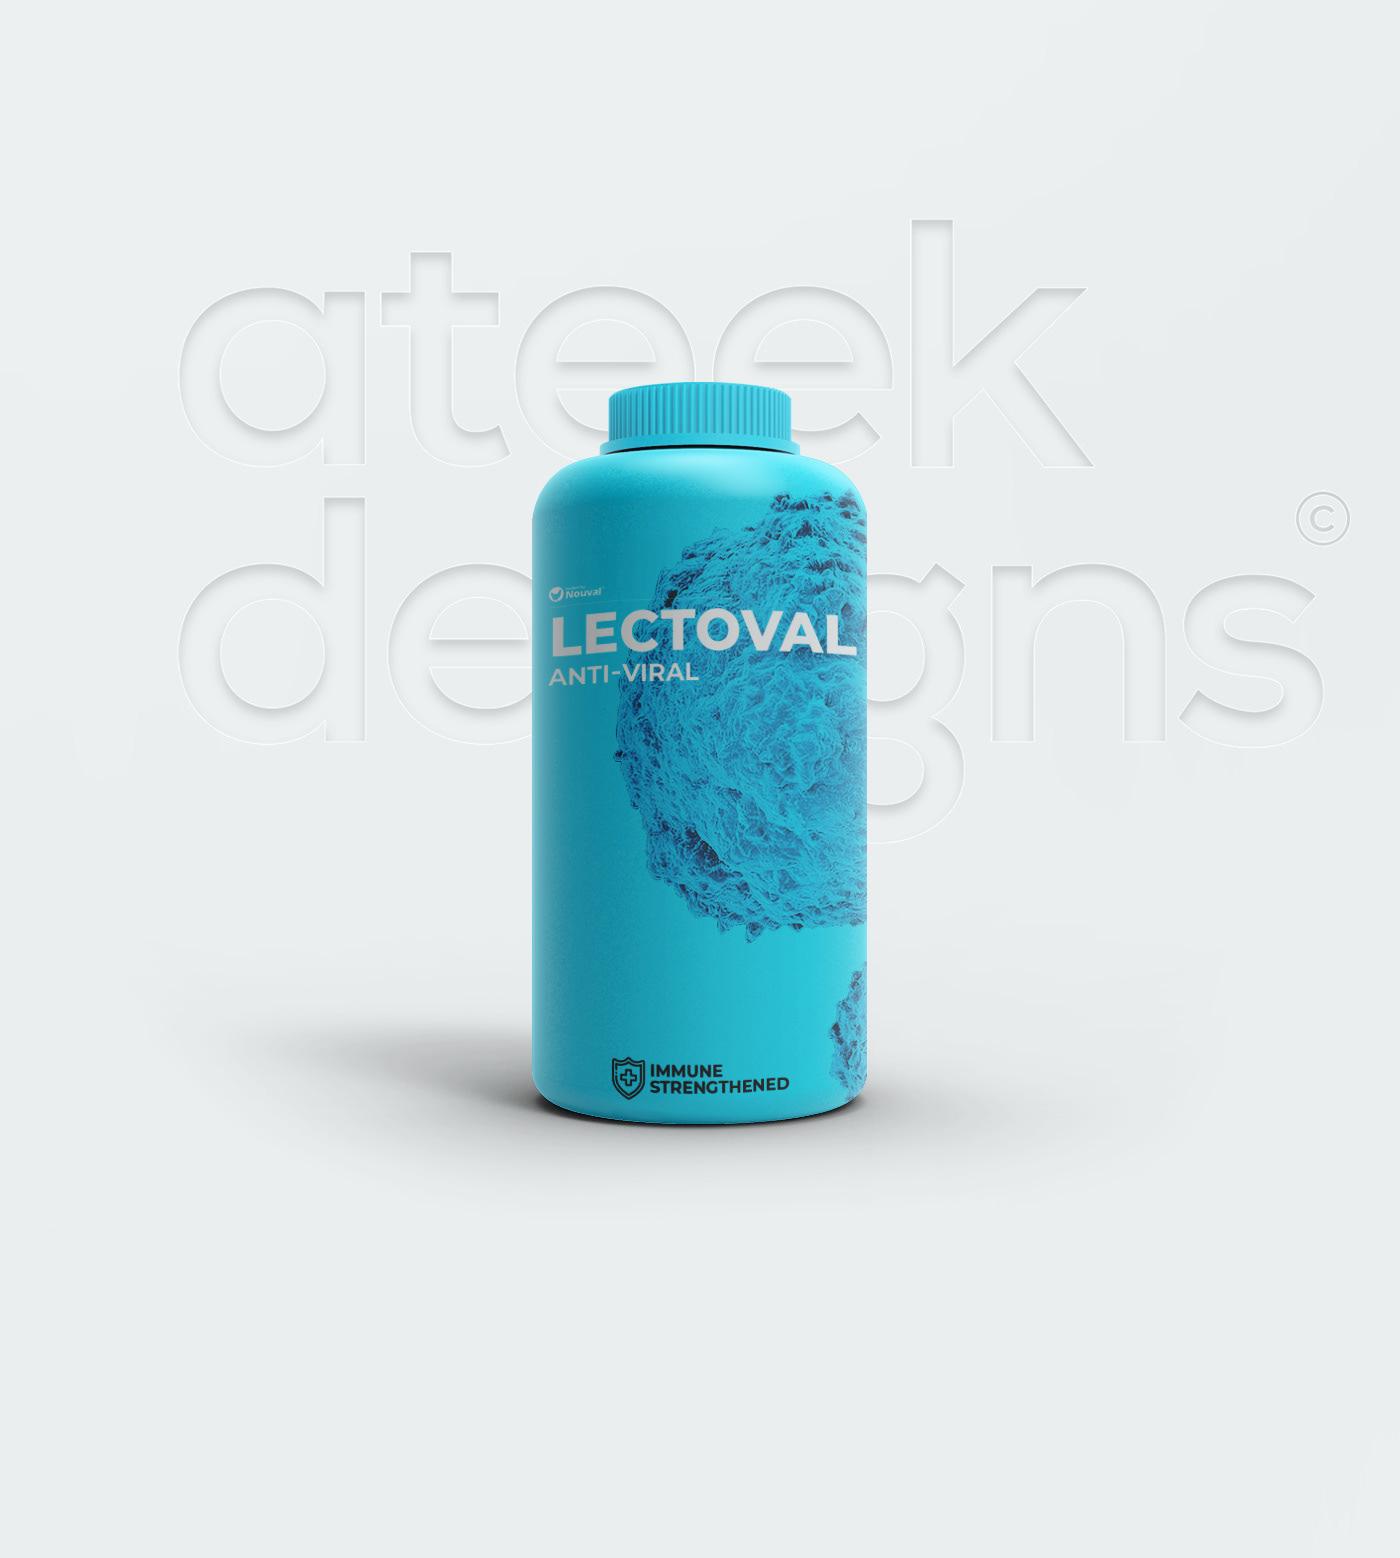 bottle design free how to mock mock-up Mockup plastic tutorial up